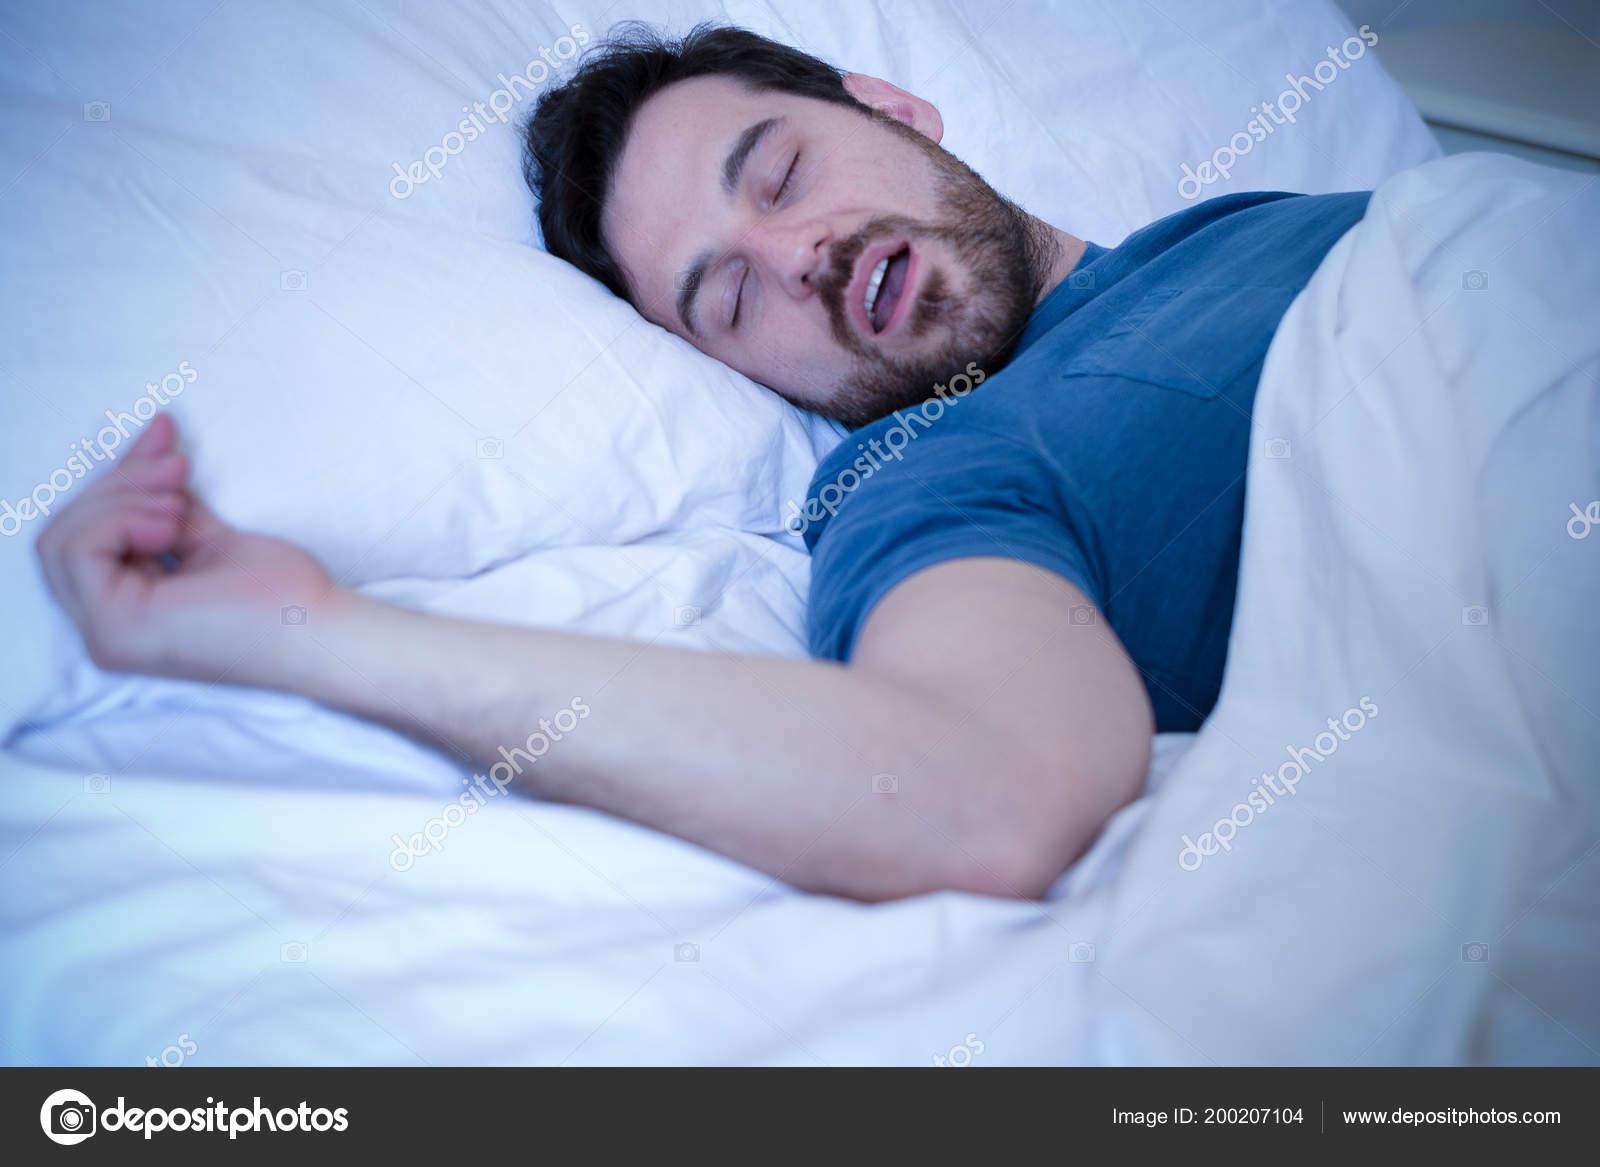 Schnarchen Problem Konzept Mann Bett Schnarchen Und Schlafen